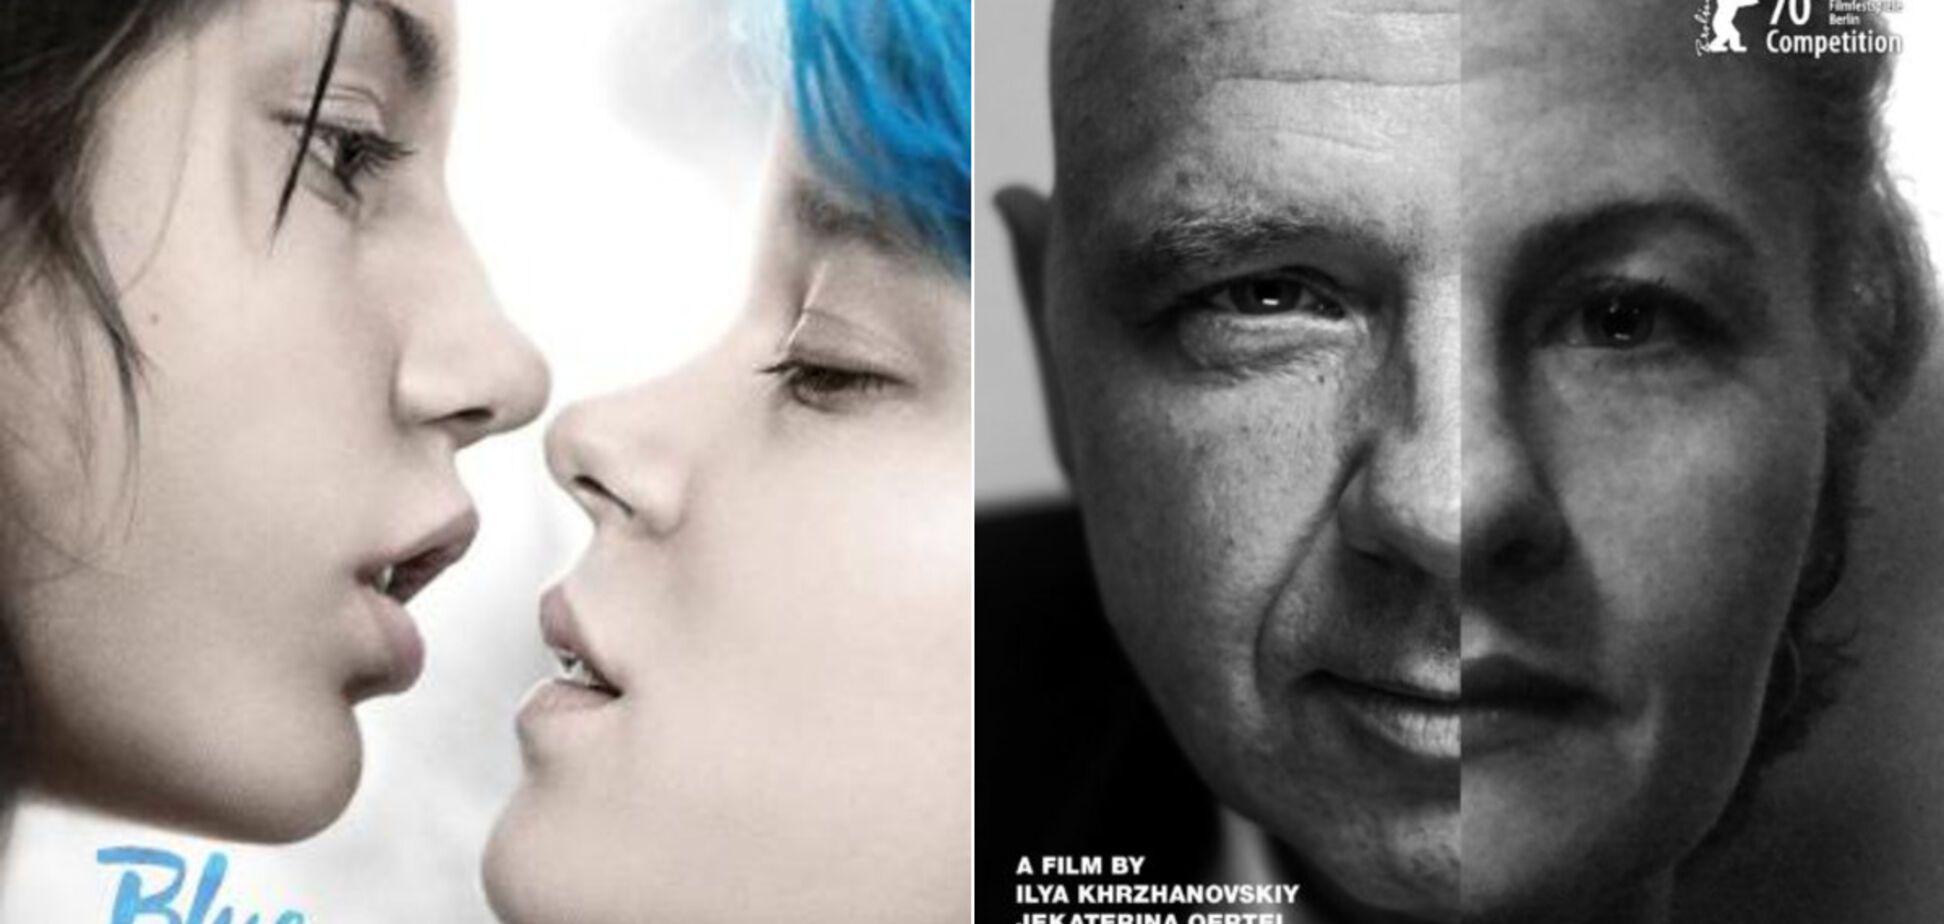 'Дау', 'Любов' і 'Калігула': названі фільми, в яких знімали справжній секс